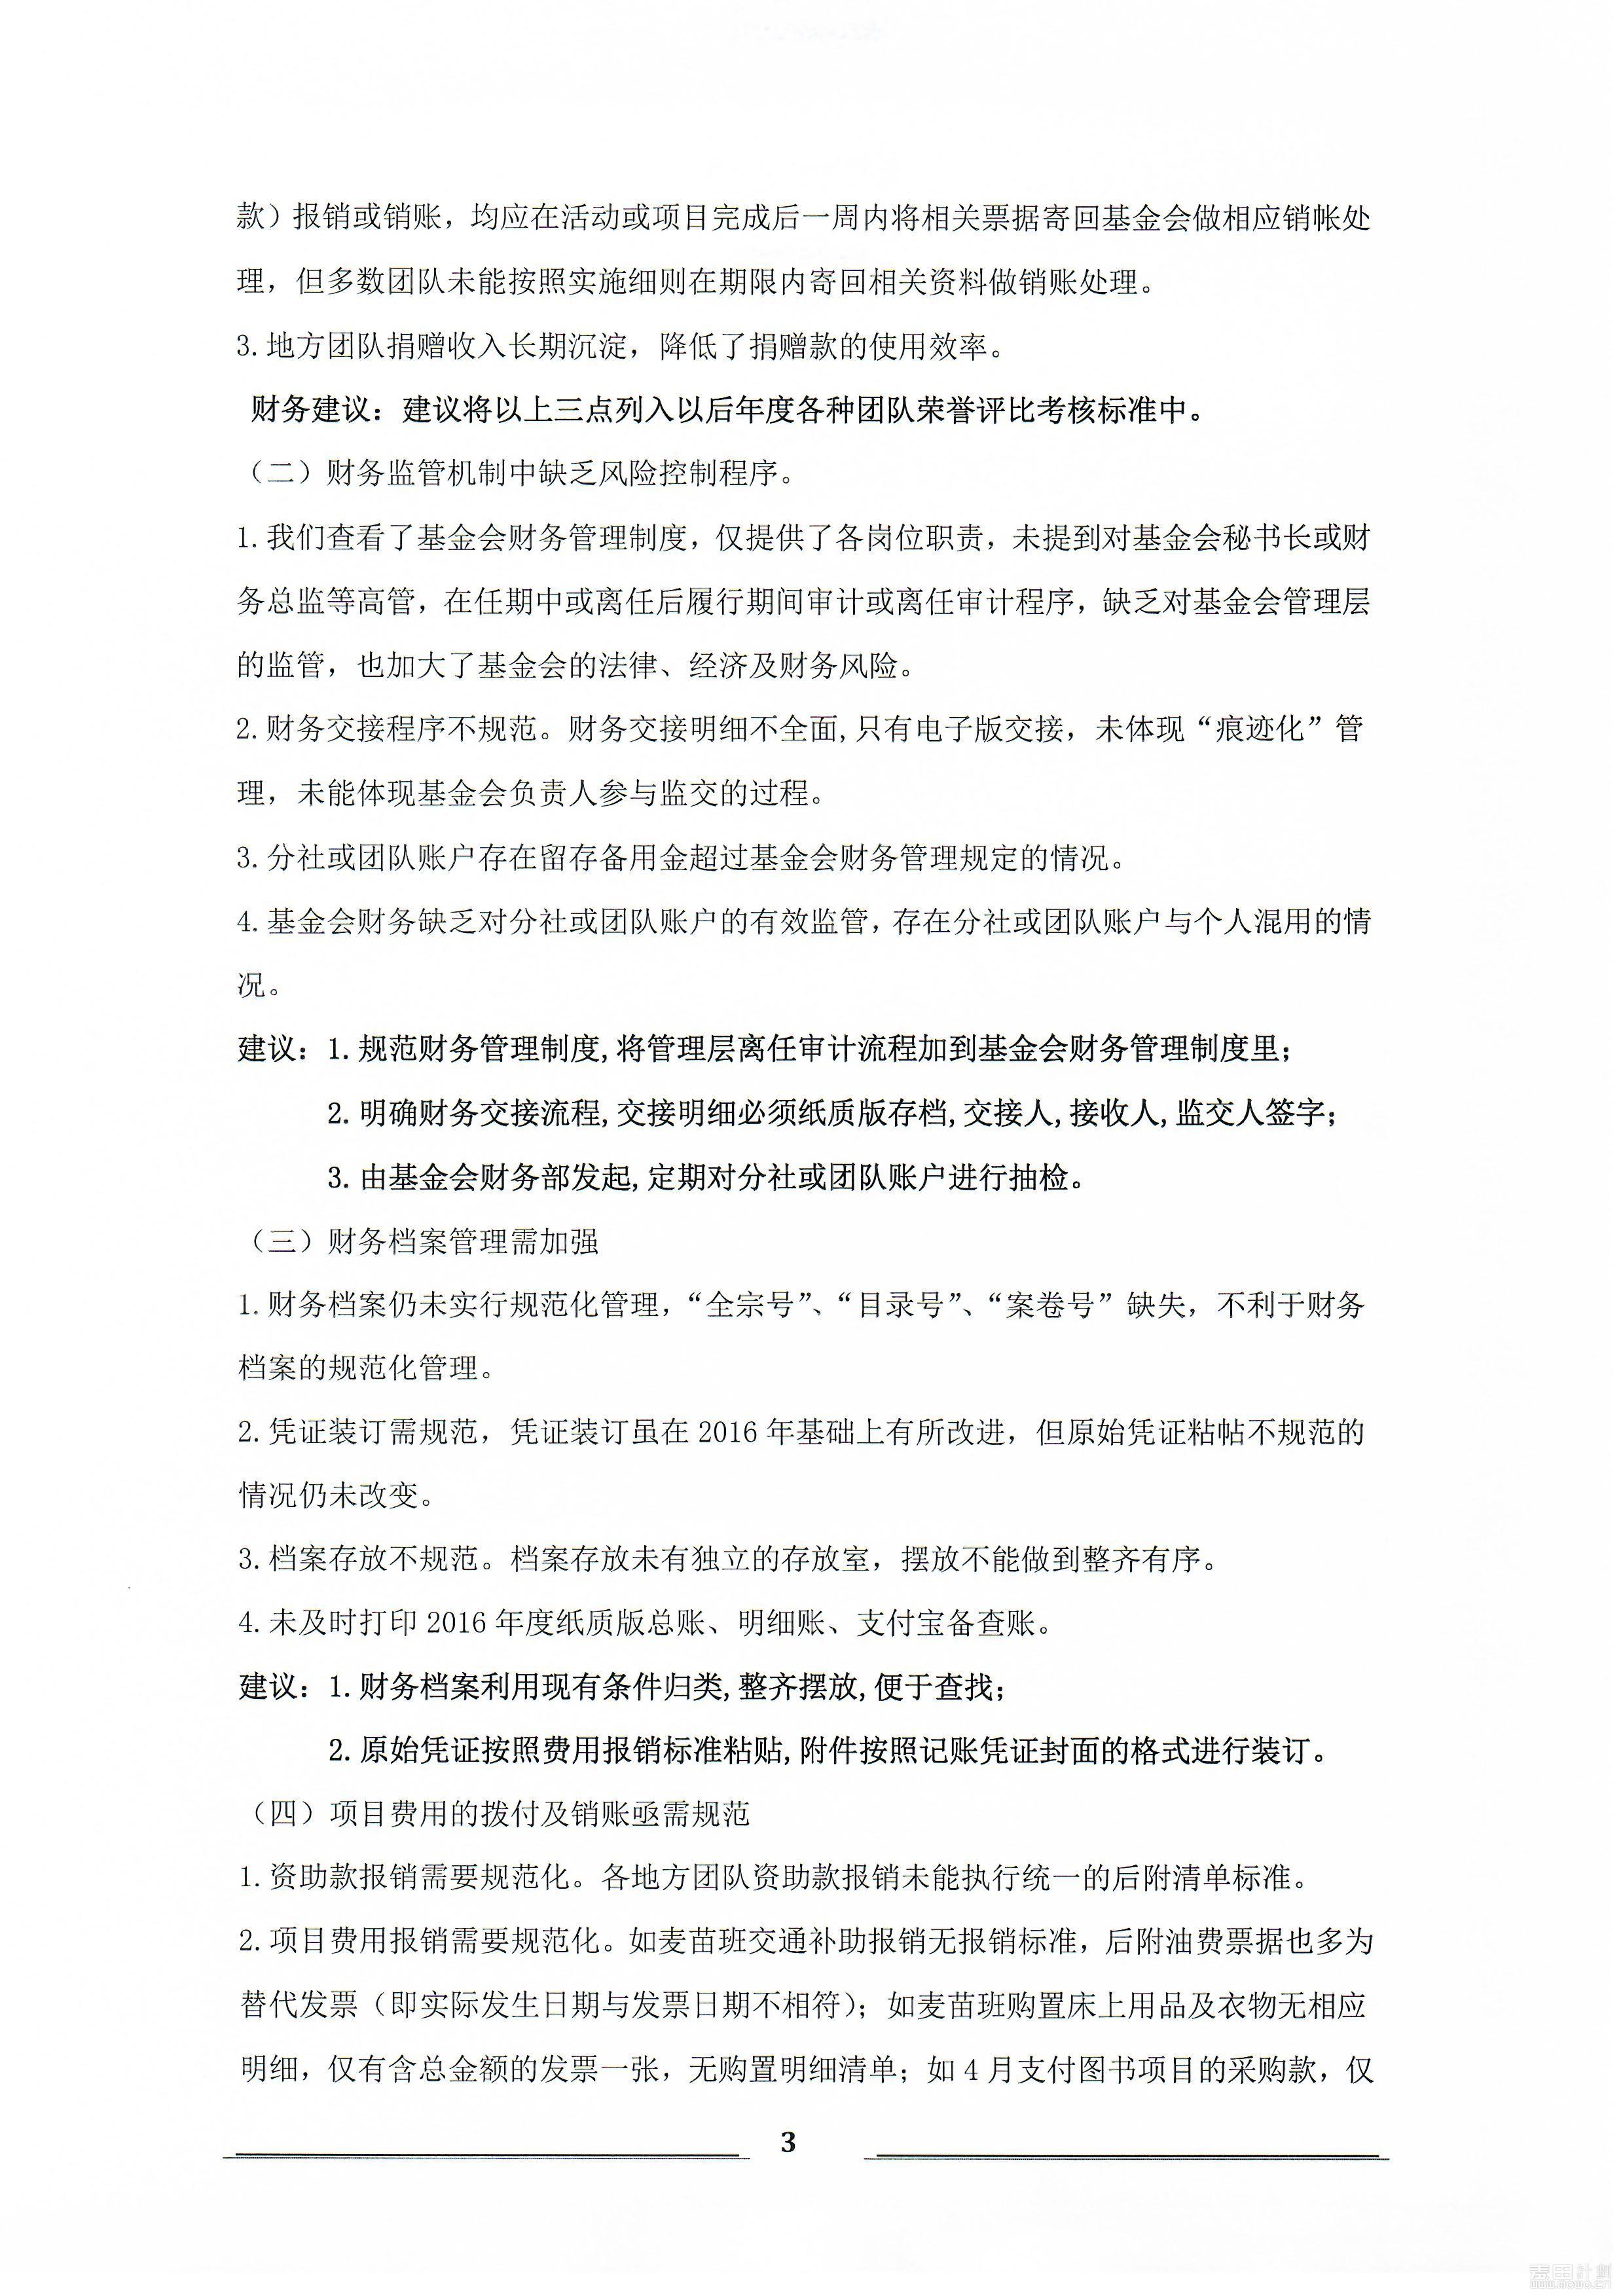 财务自查报告-3.jpg